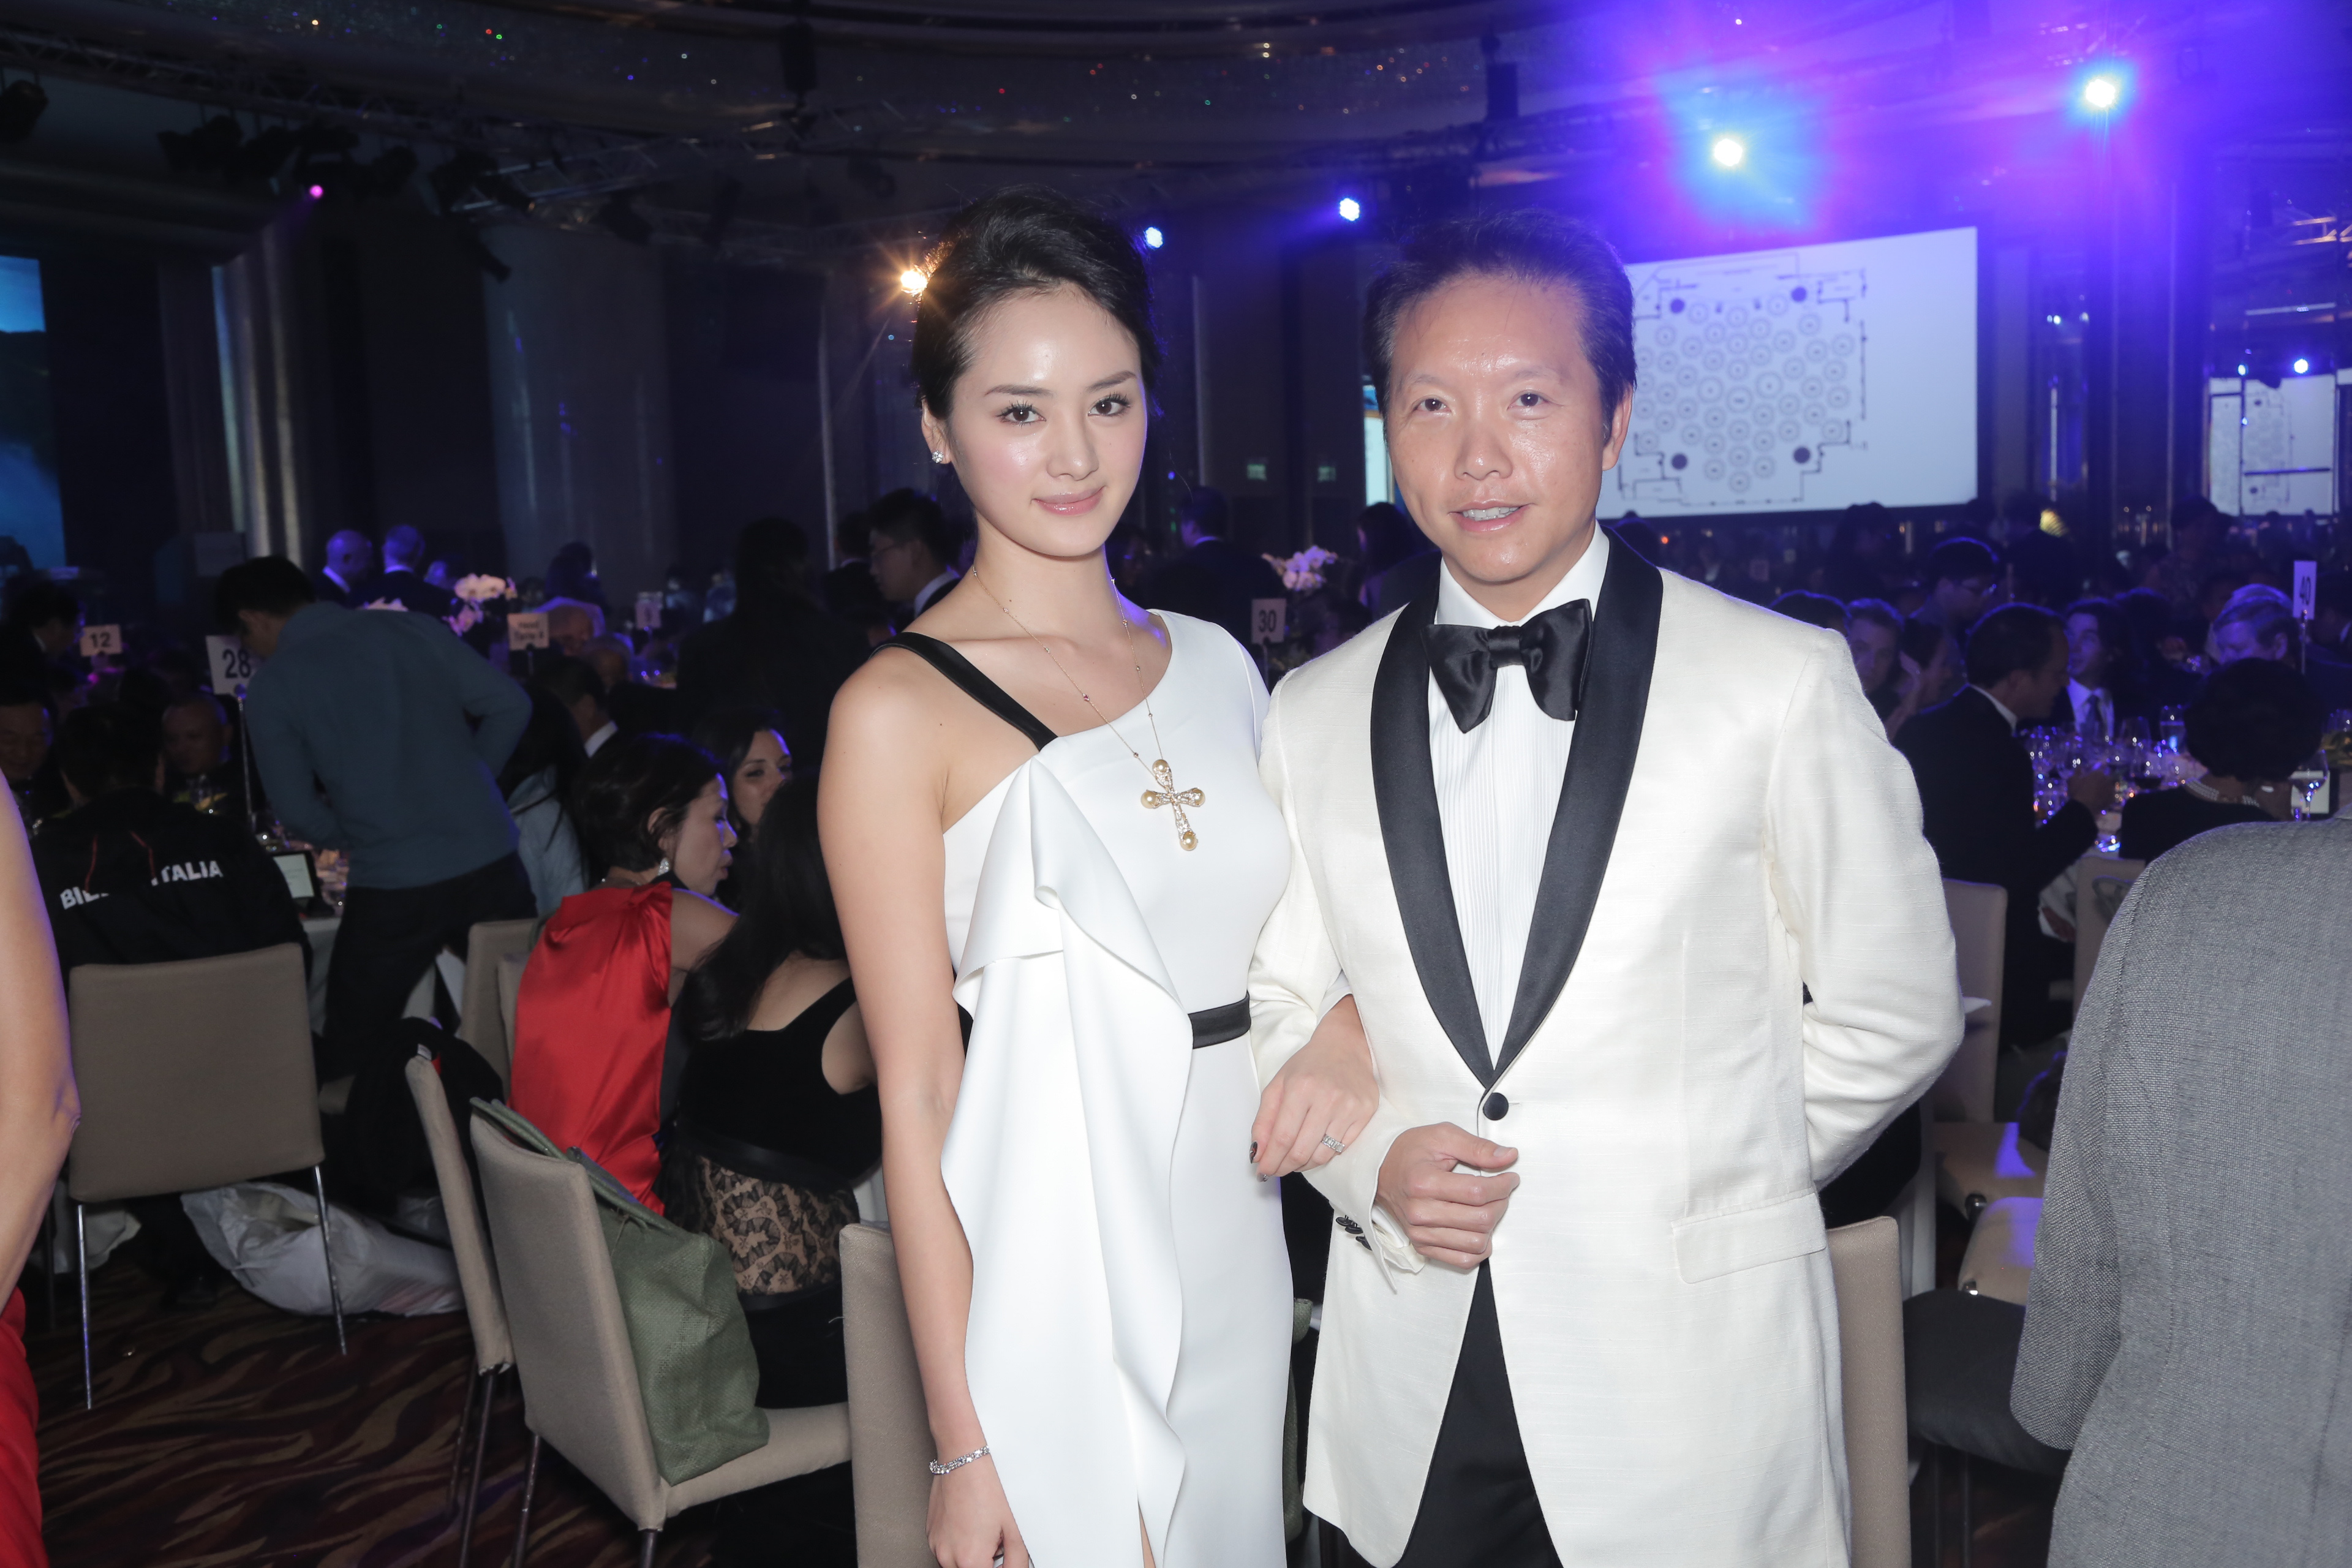 Mariko Lee and Benjamin Lee